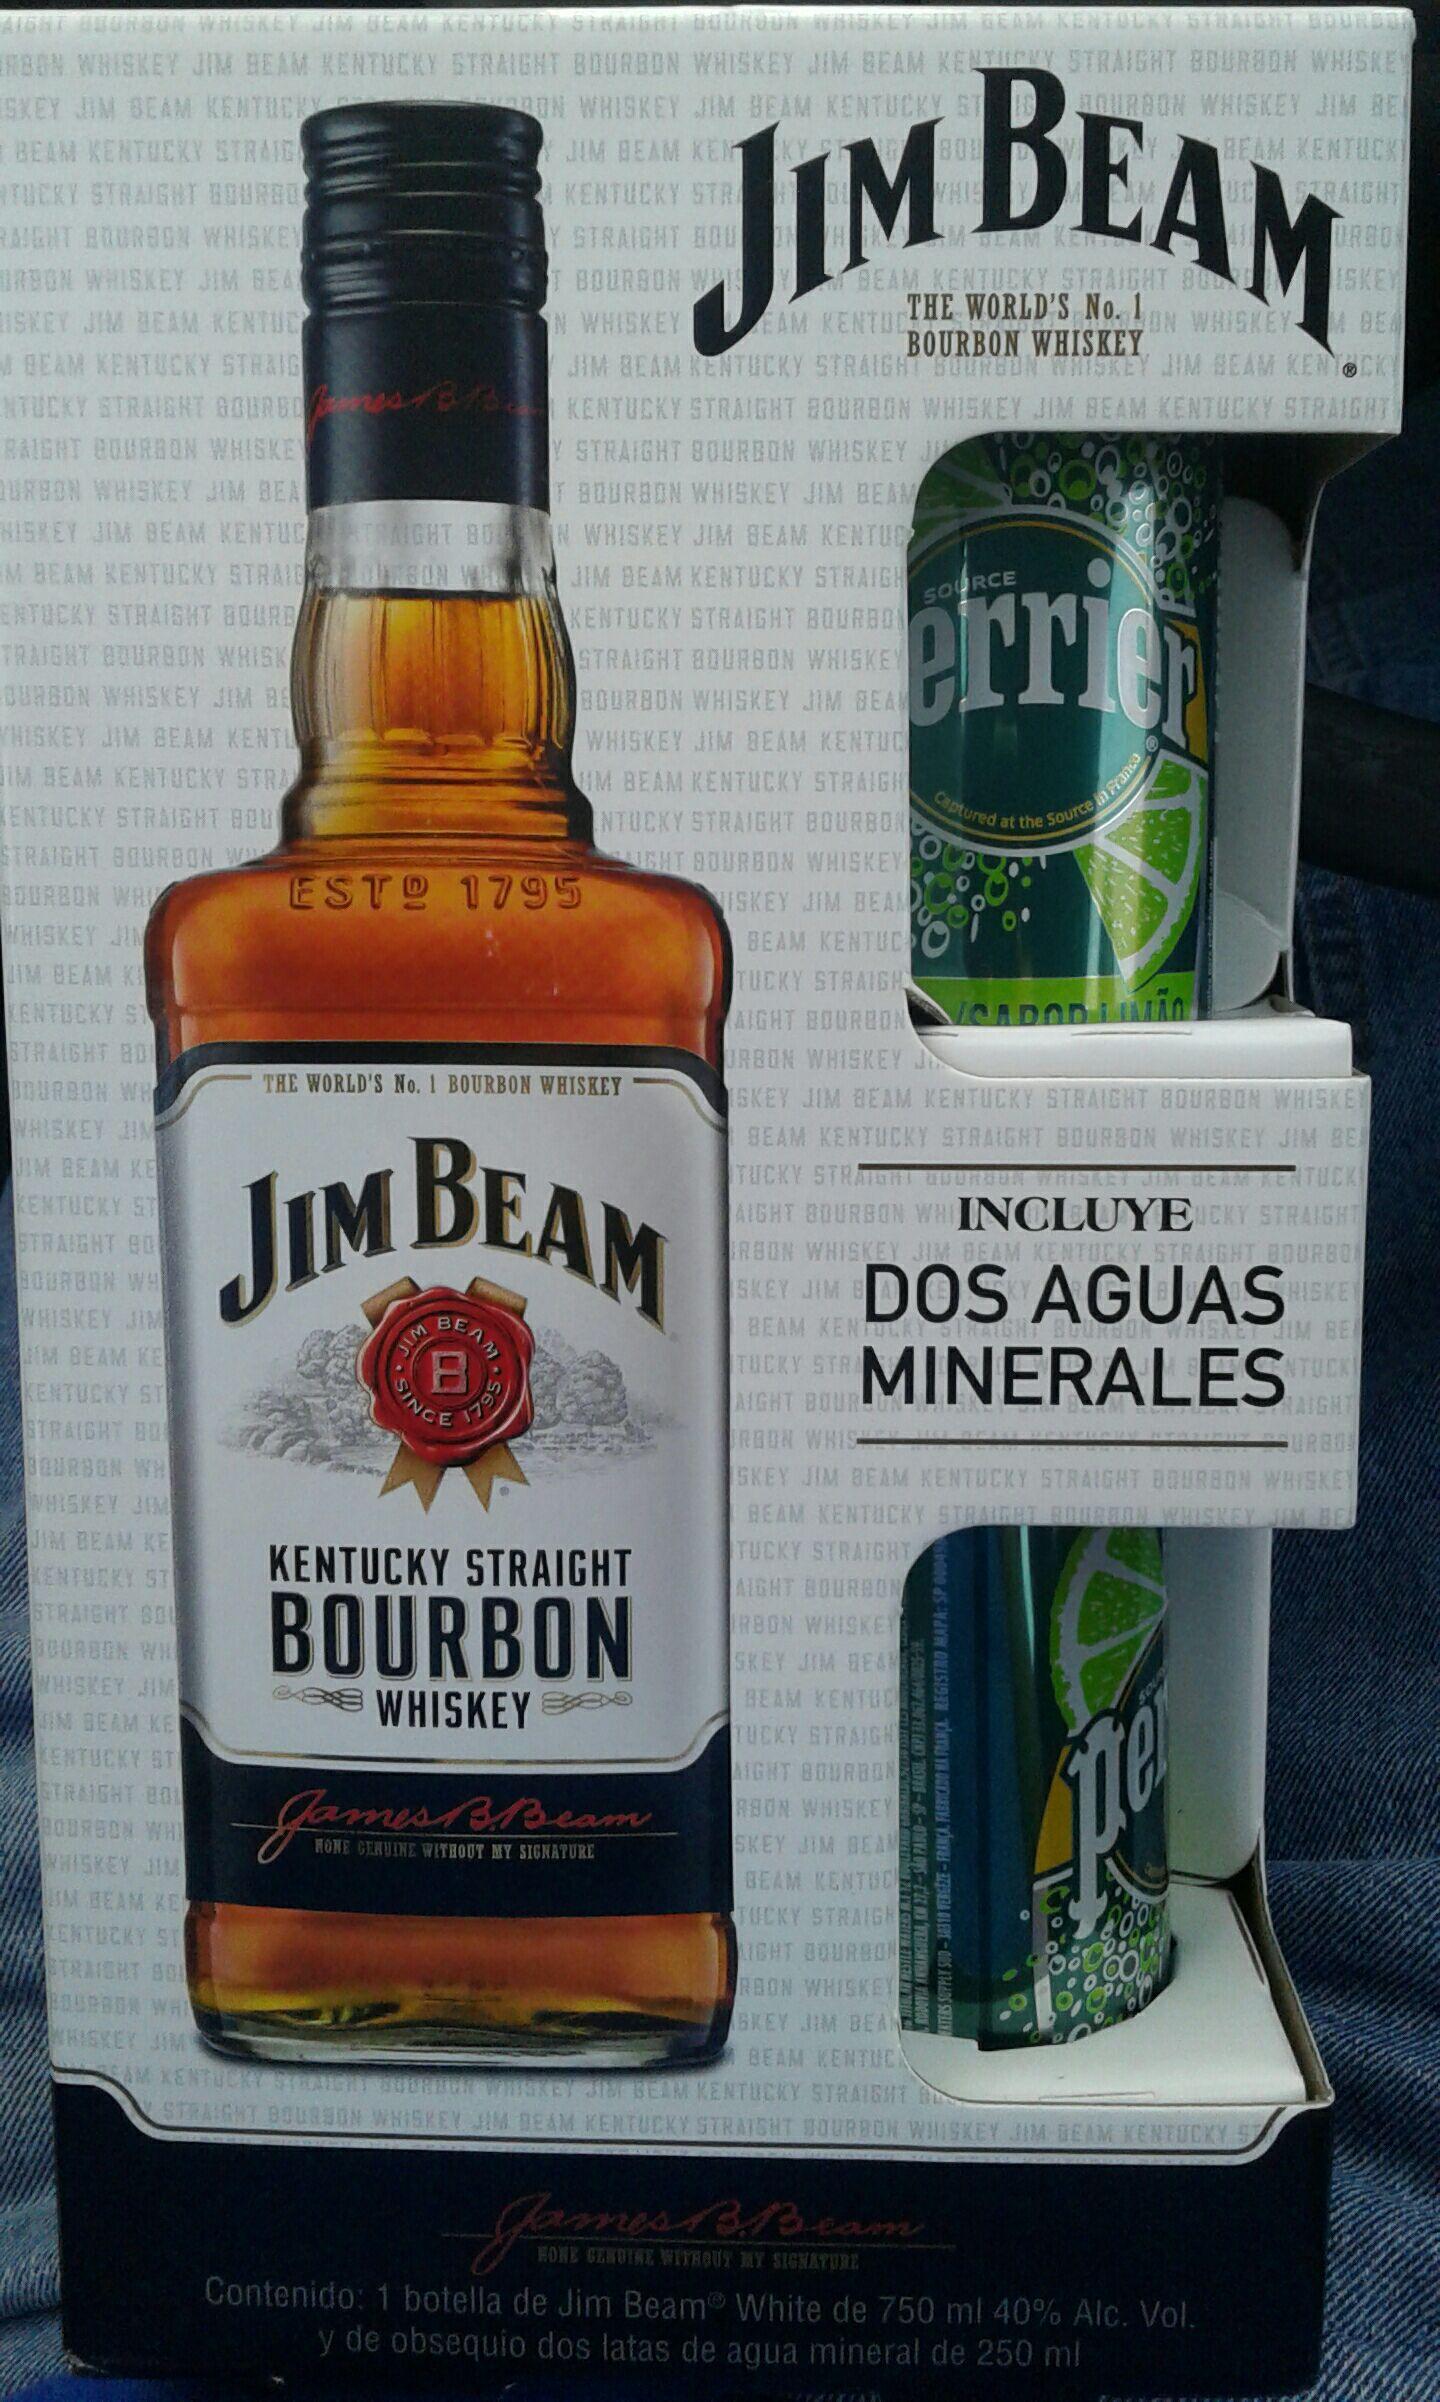 Superama: JIM BEAM DE 750 ml